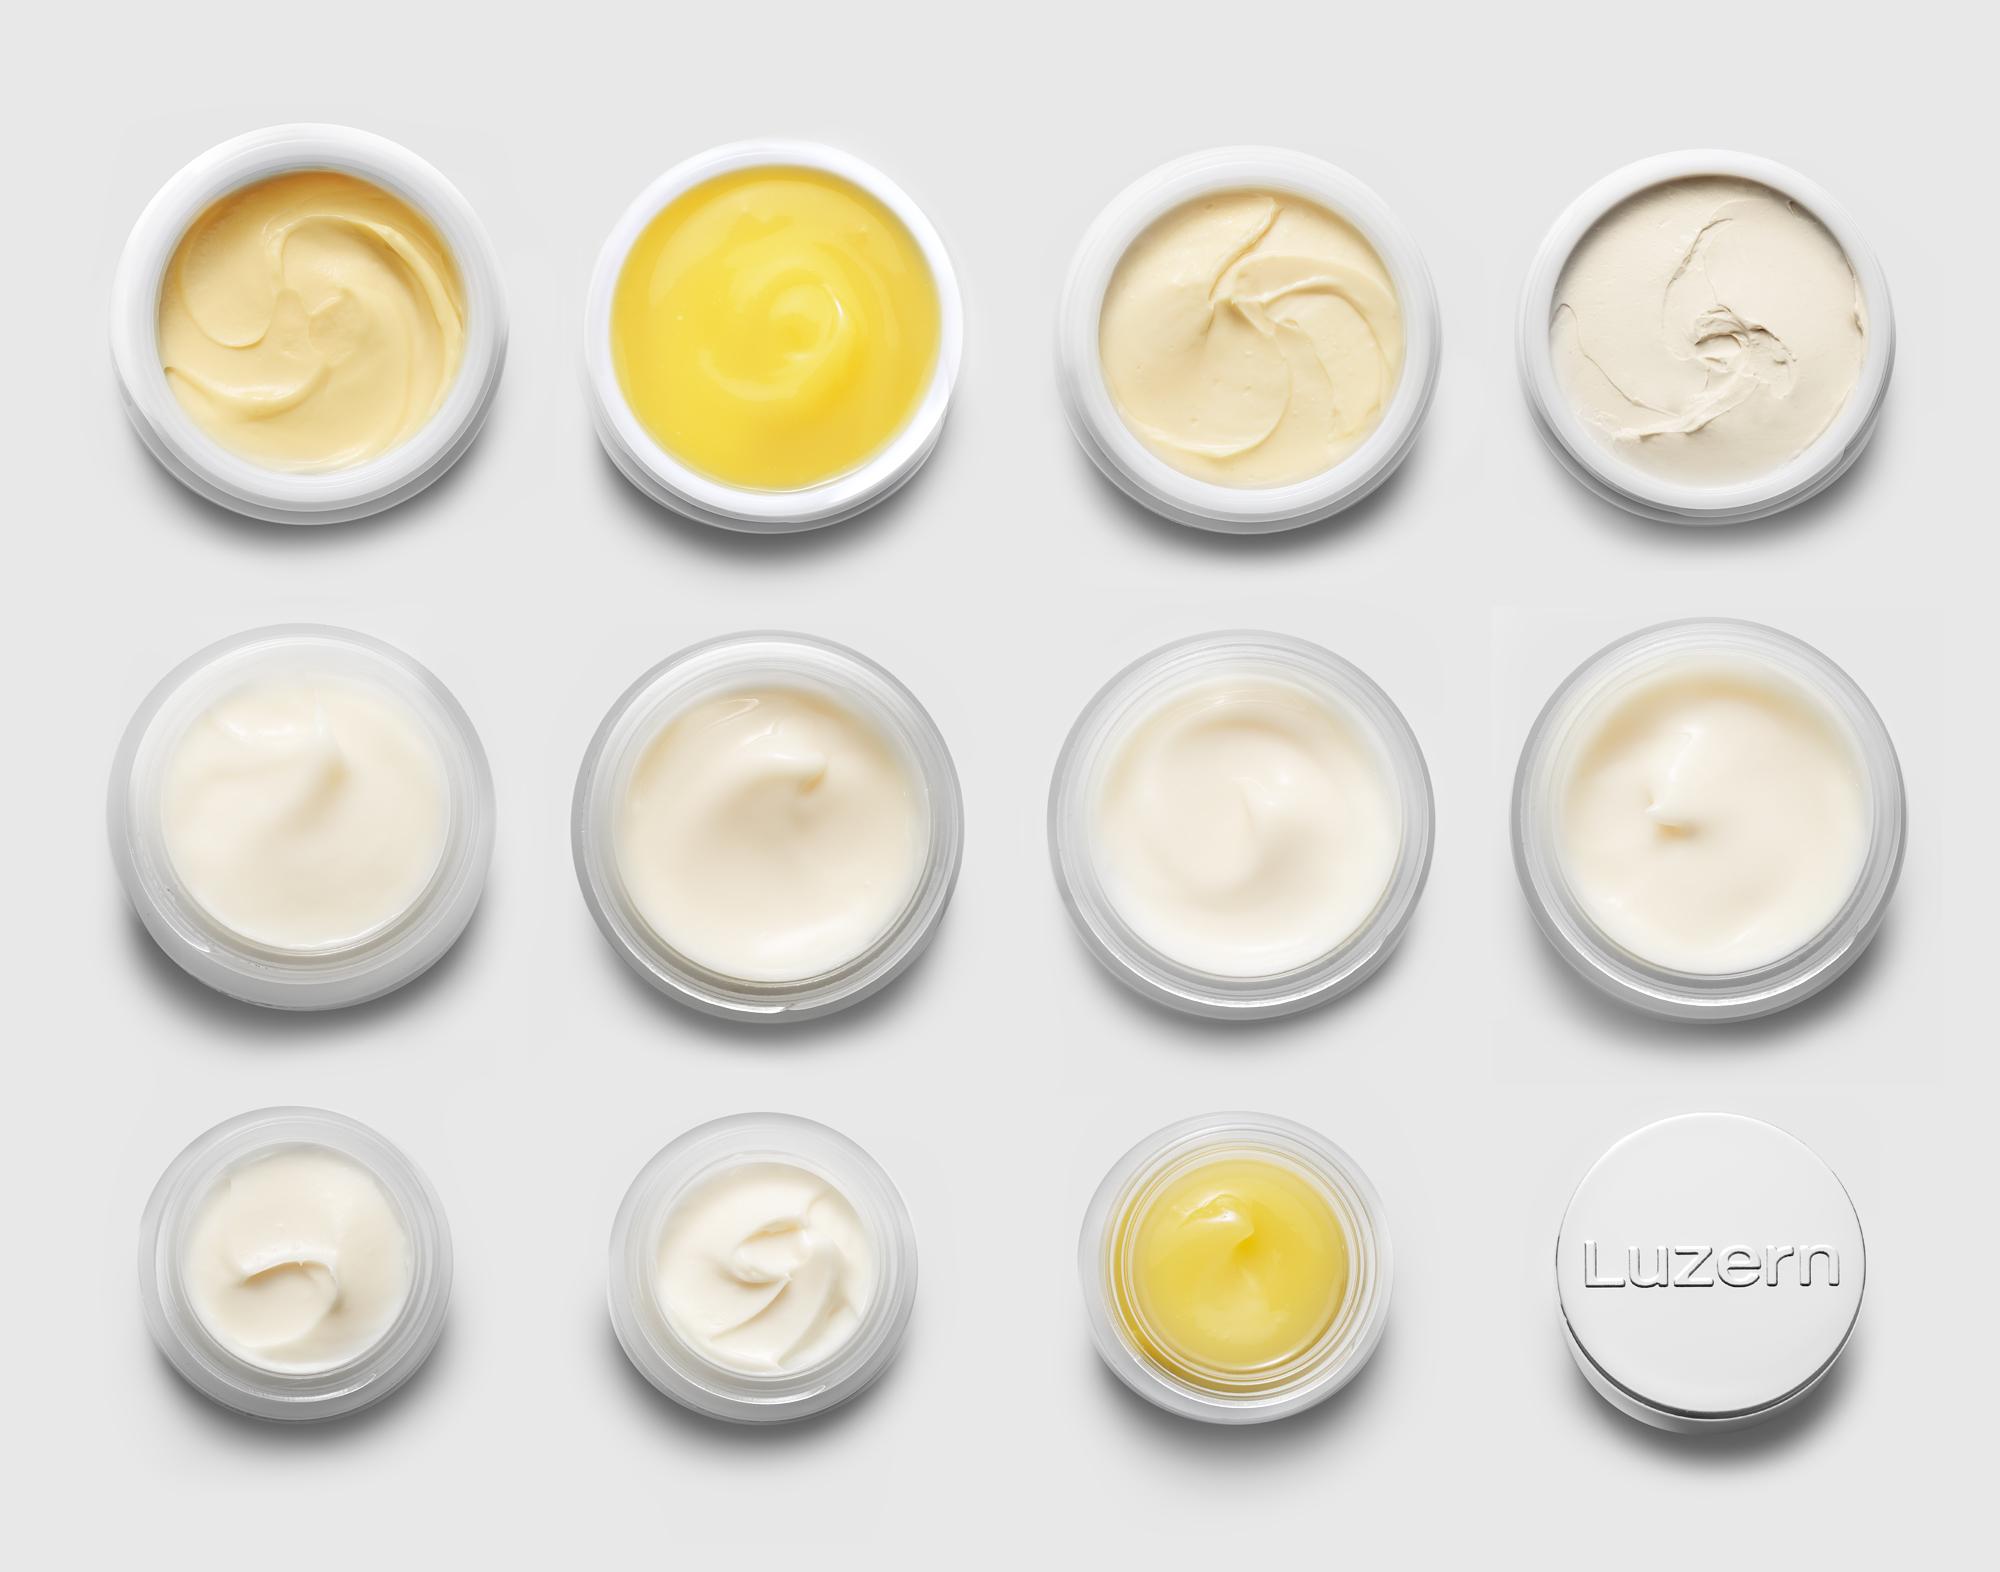 Luzern-TexturesGrid.jpg